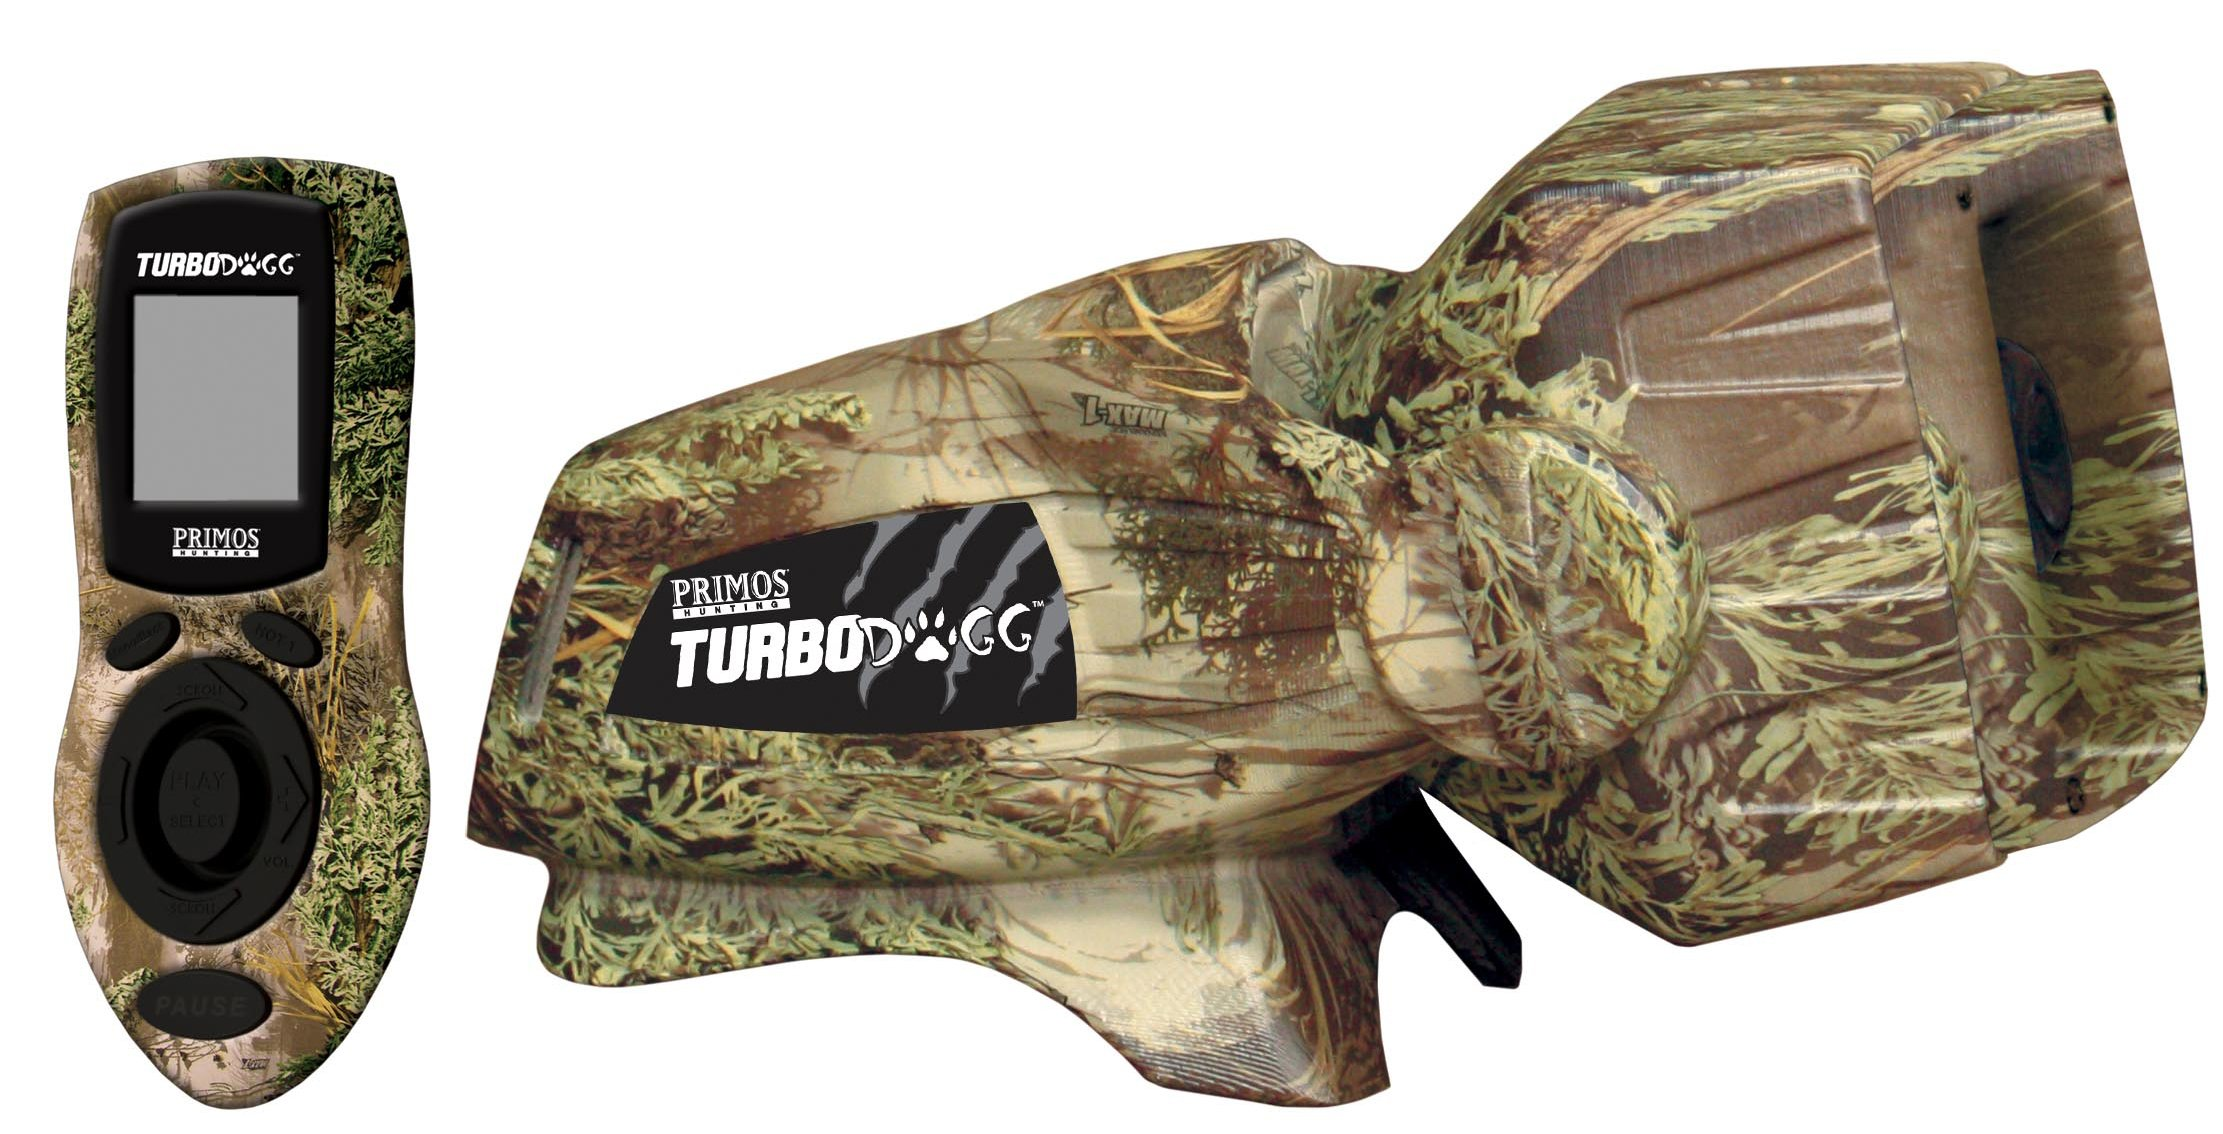 Primos 3755 Turbo Dogg Electronic Predator Call by Primos Hunting (Image #3)